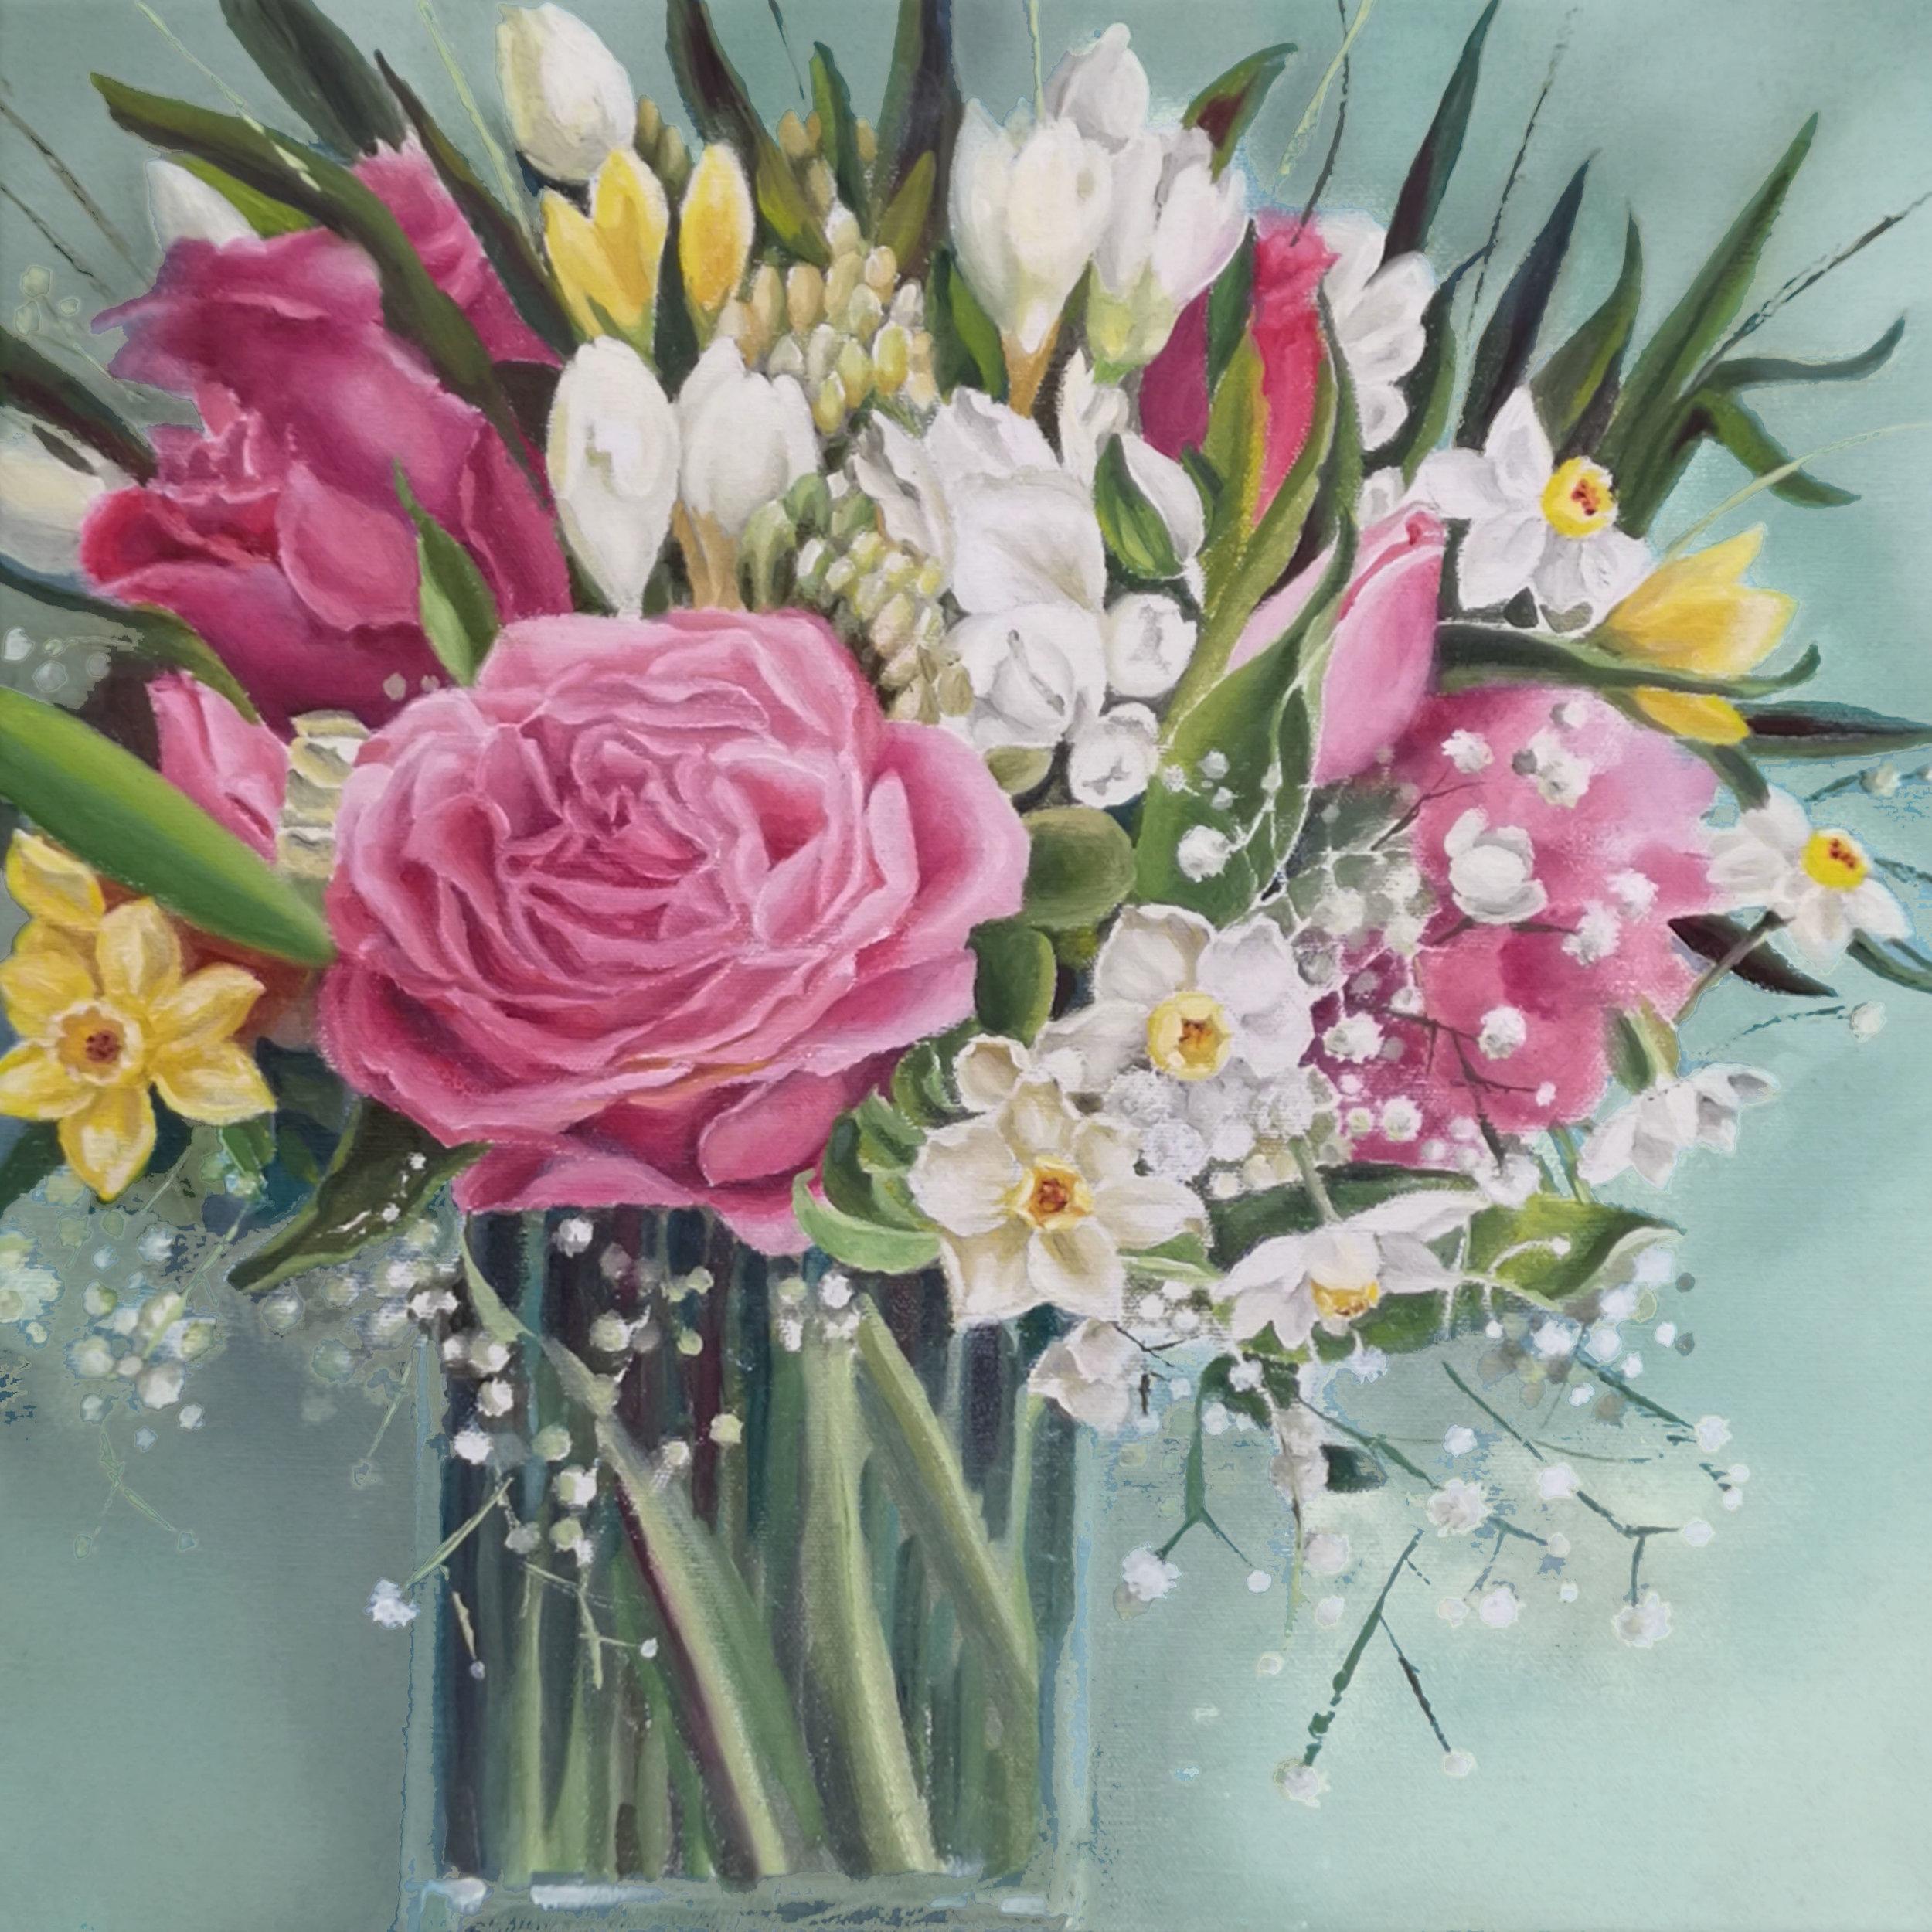 'Floral Renaissance'